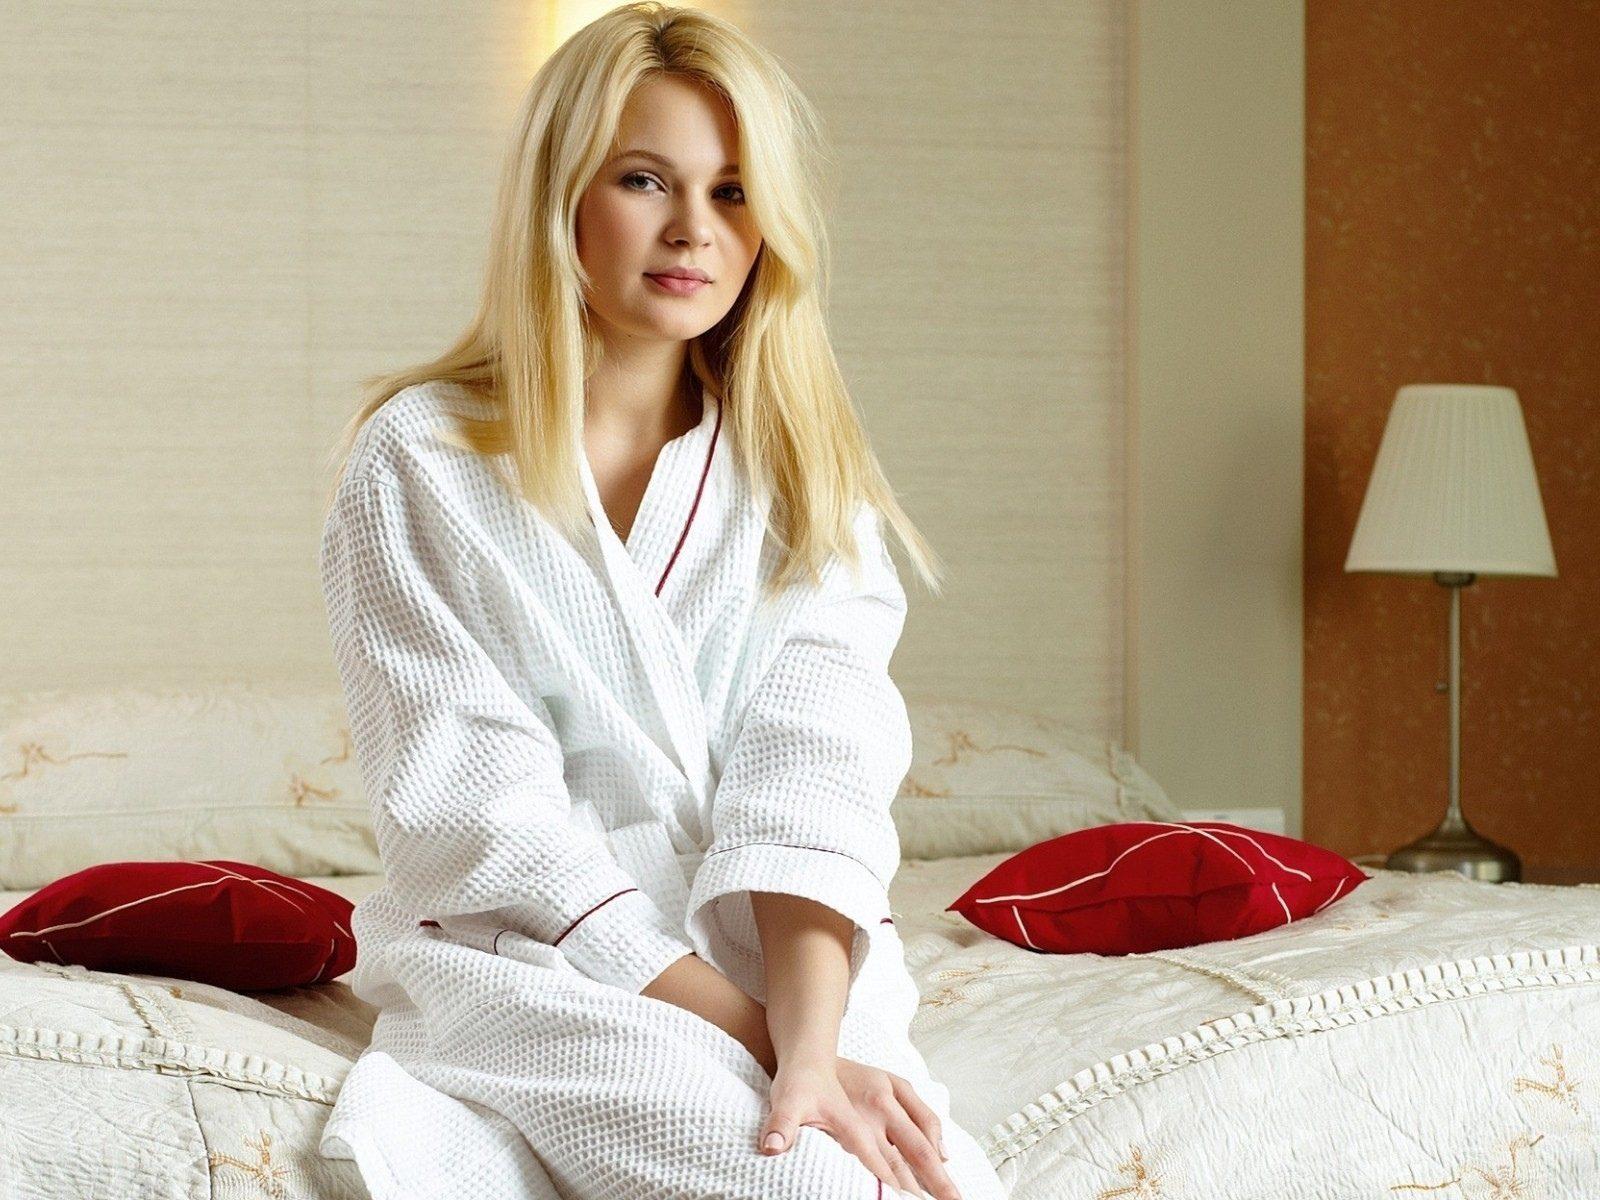 полнометражный порно фото в халате фотосессия ласки жены